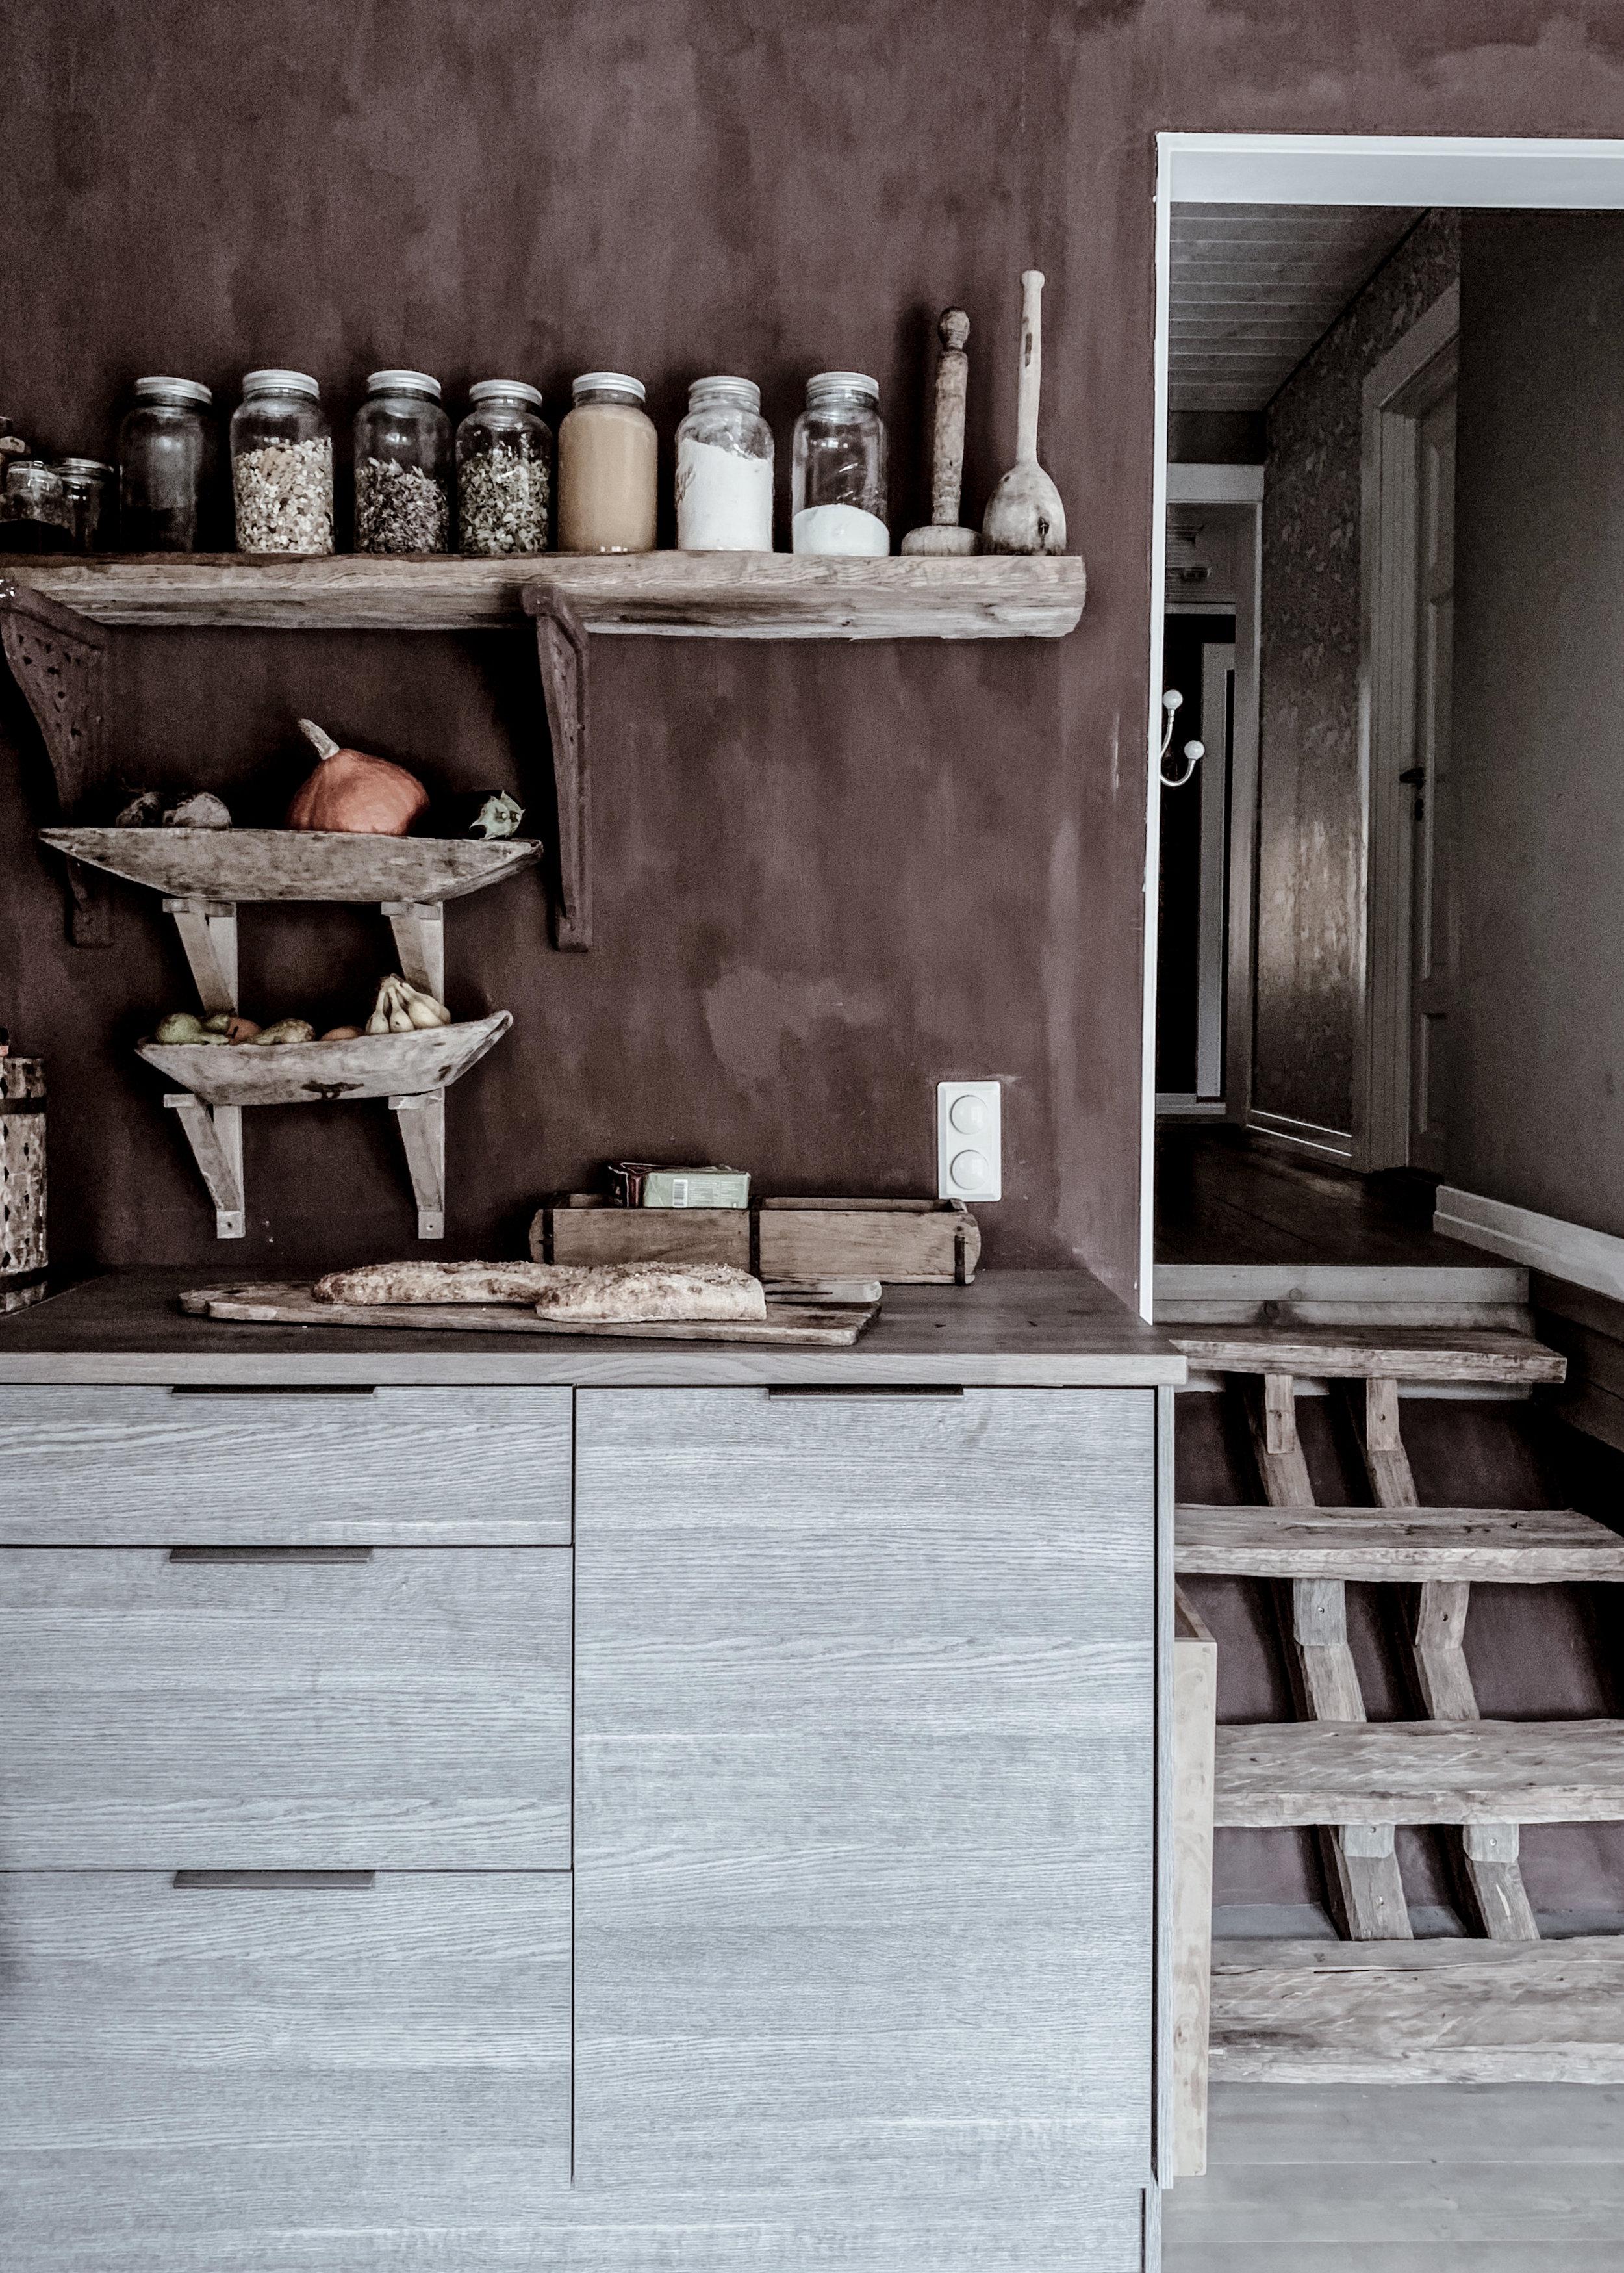 kjøkken_loning.jpg